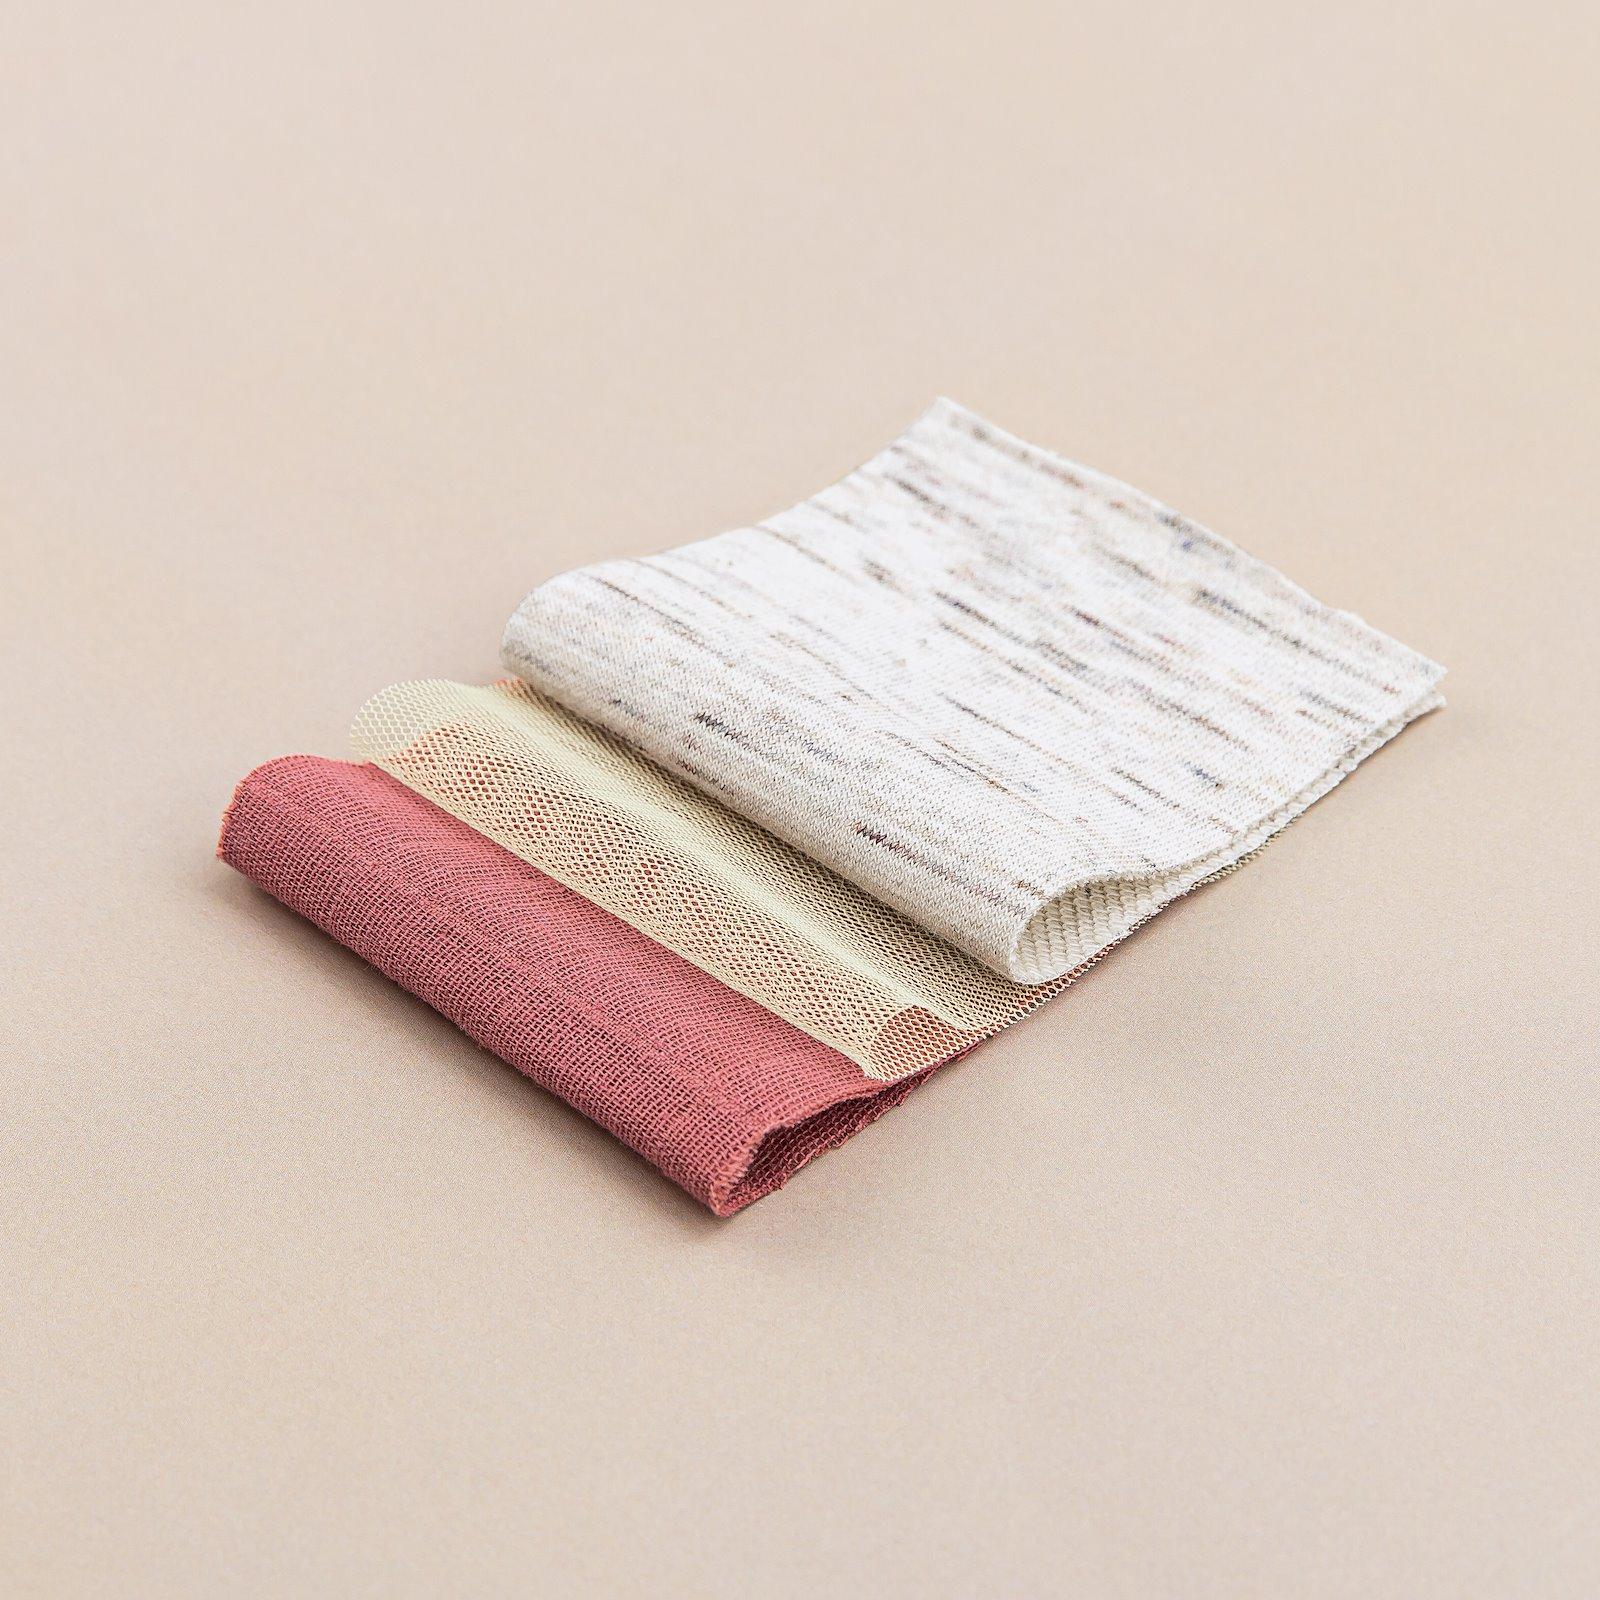 Muslin dusty red 211789_640267_501595_bundle